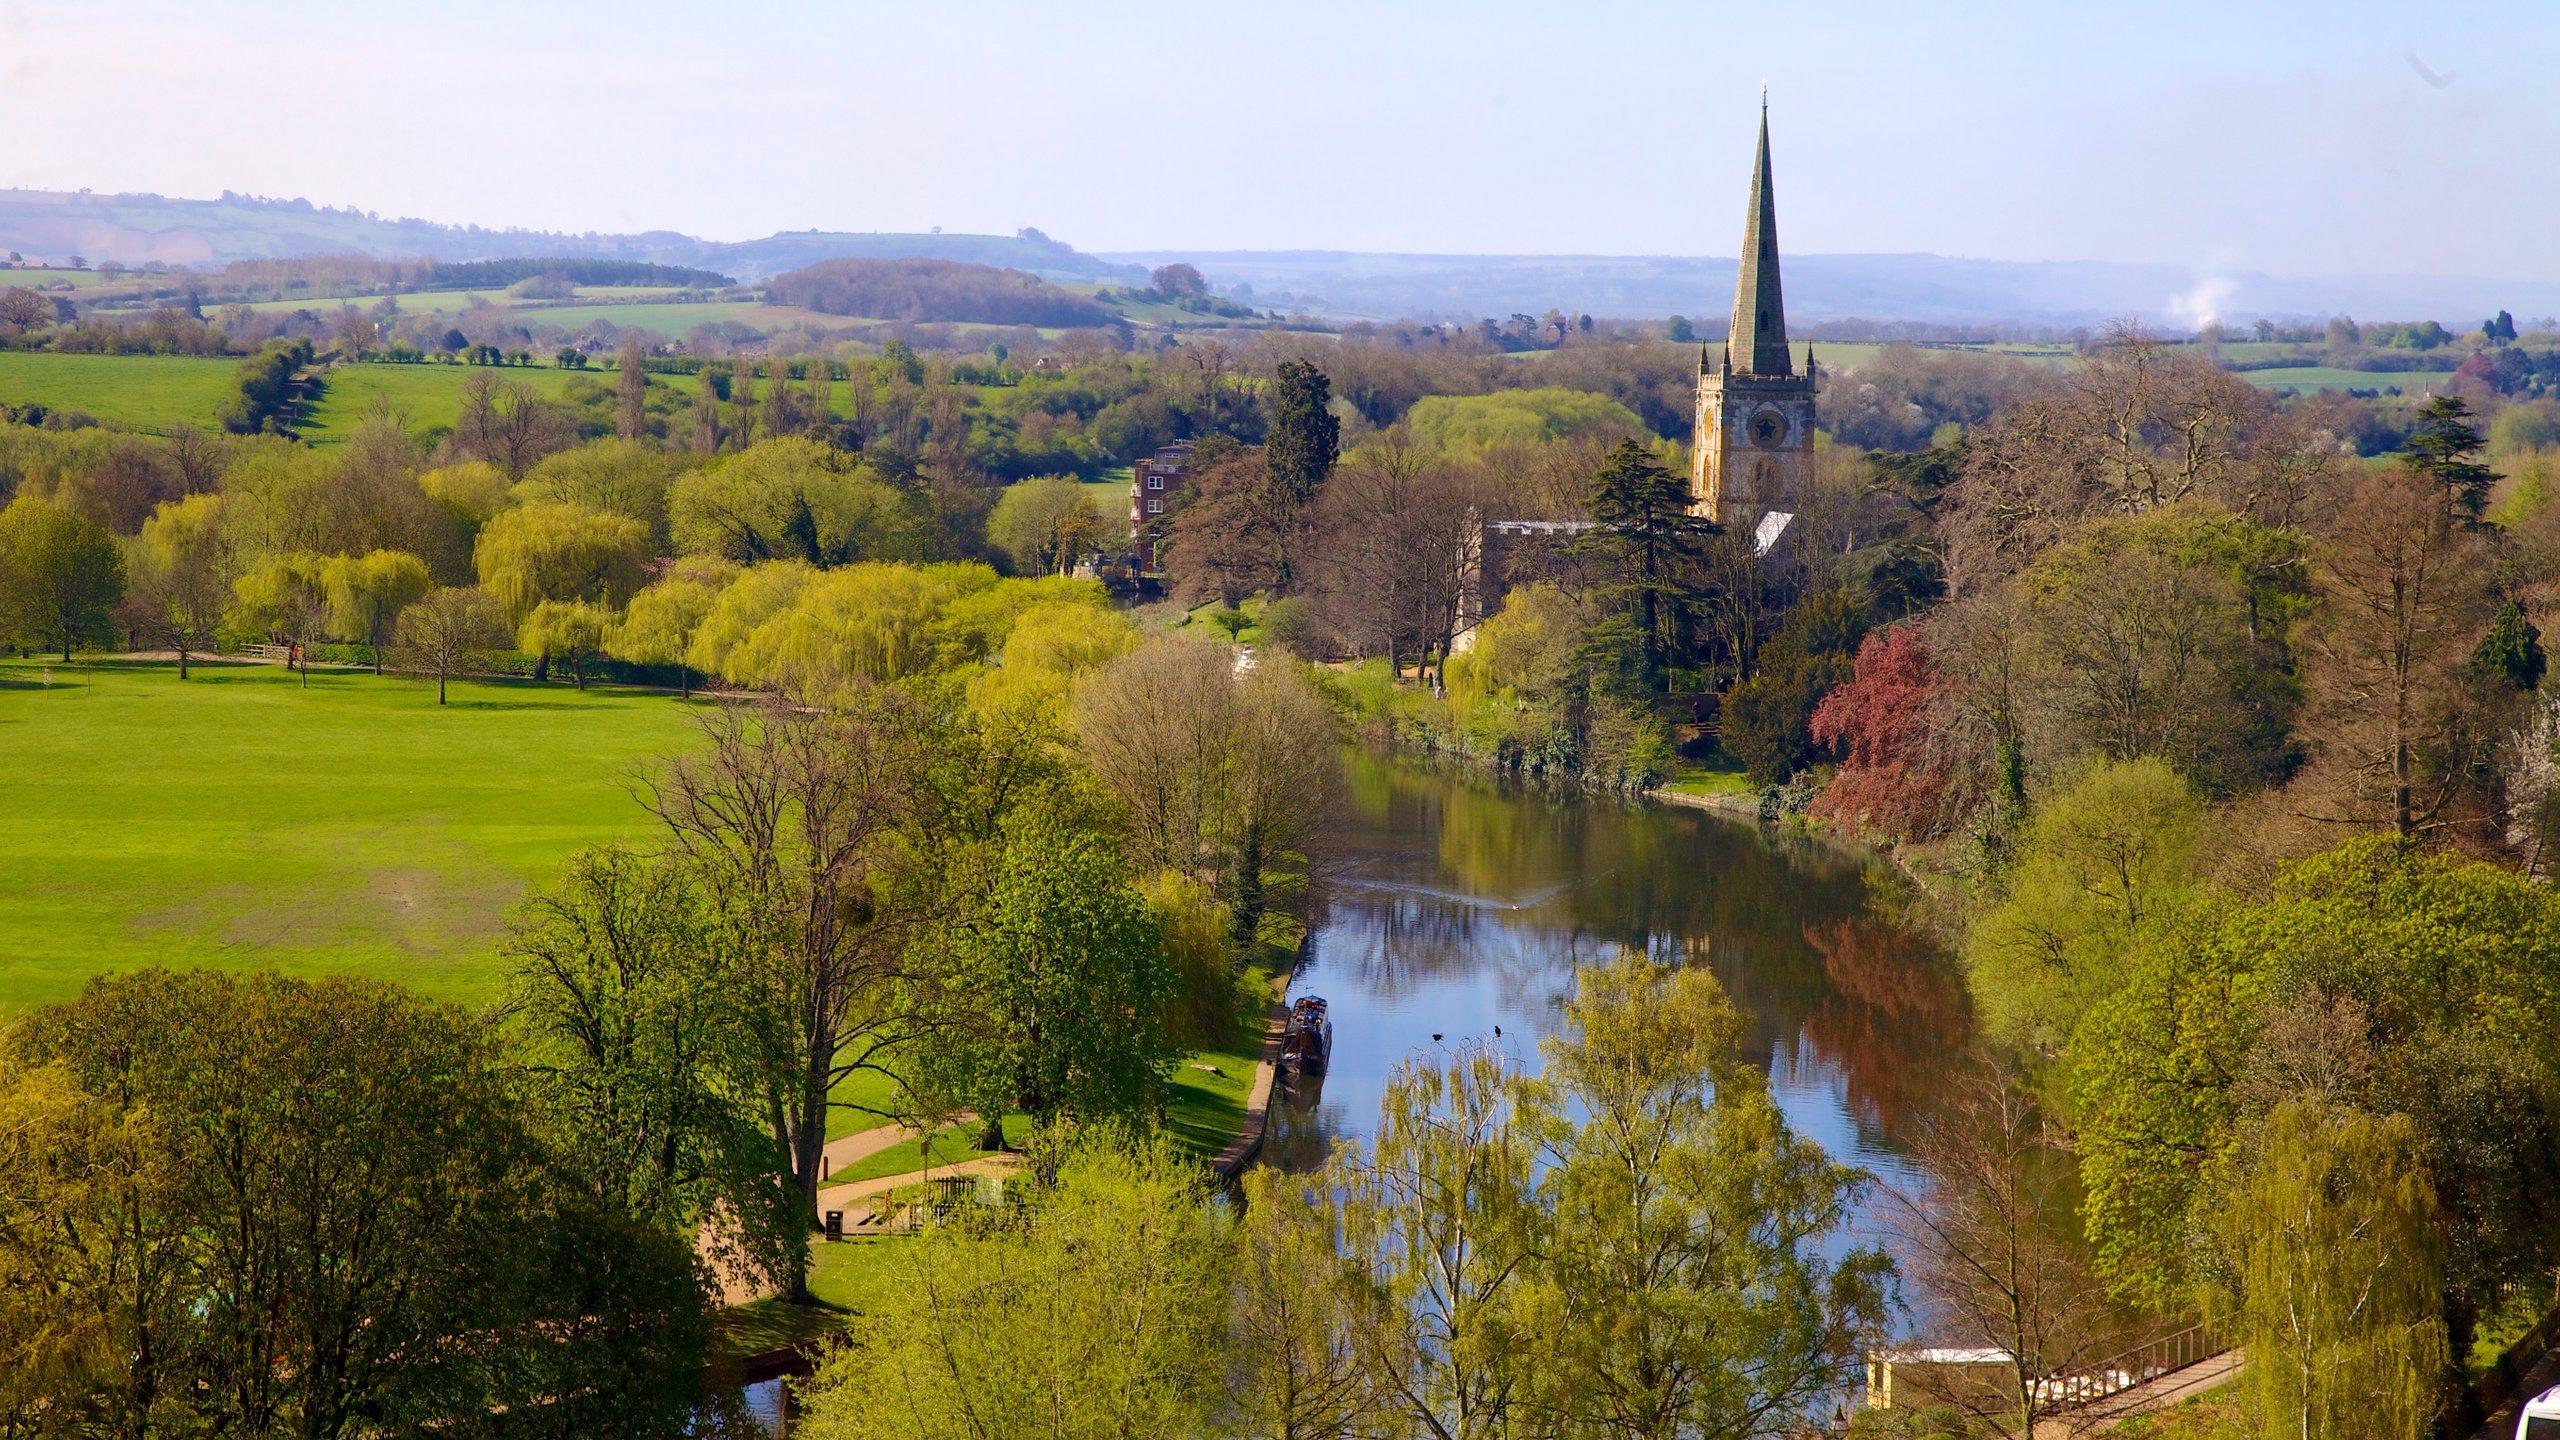 Centro da cidade, Stratford-upon-Avon, Inglaterra, Reino Unido